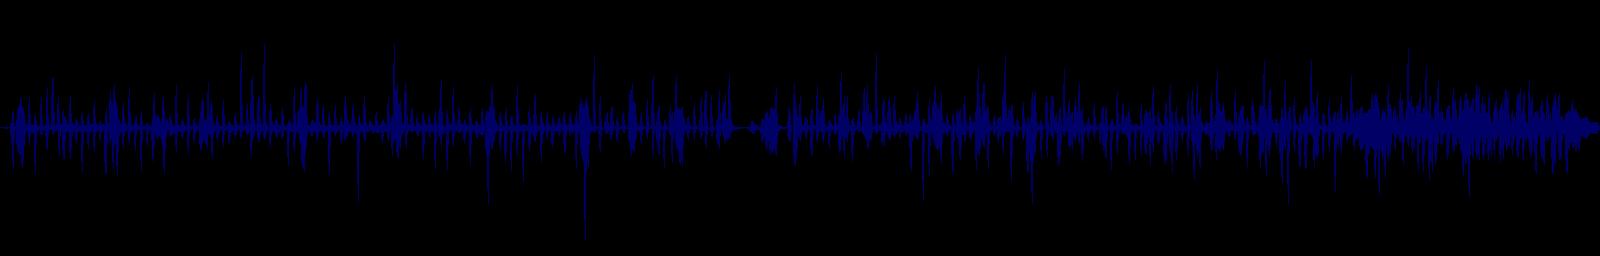 waveform of track #136721